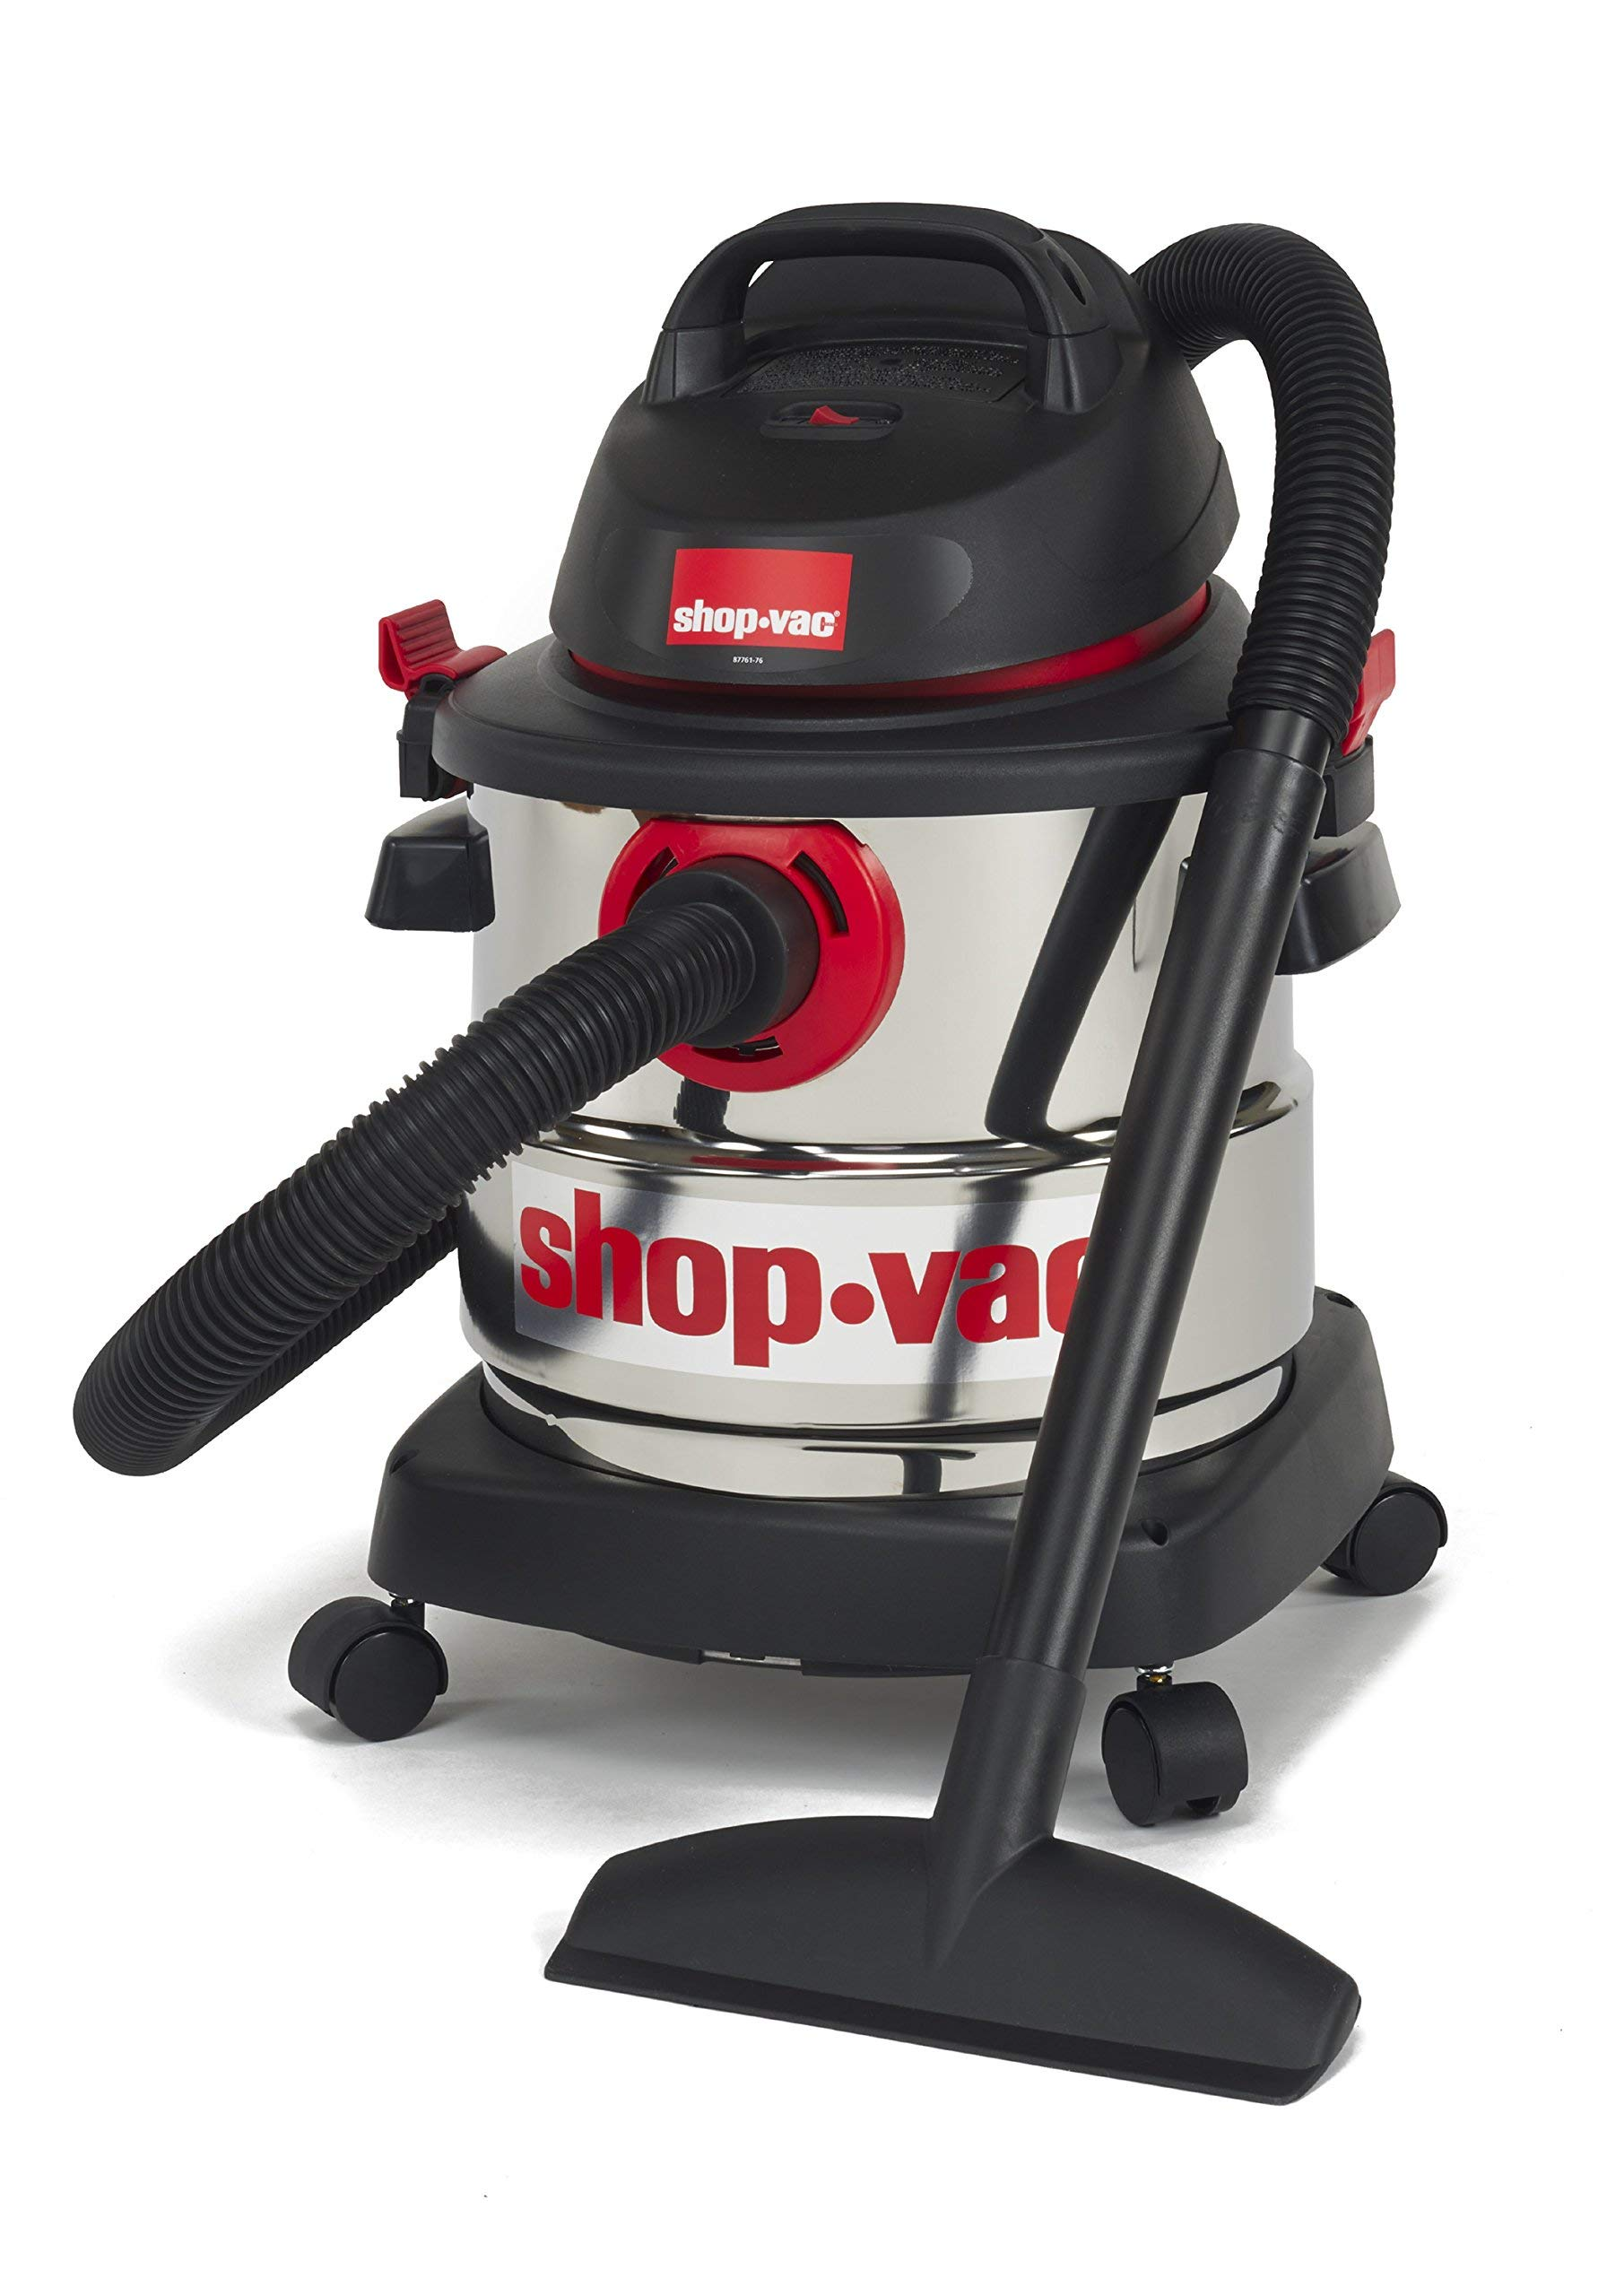 Shop-Vac 5989300 5-Gallon 4.5 Peak HP Stainless Steel Wet Dry Vacuum (Renewed) by Shop-Vac (Image #3)